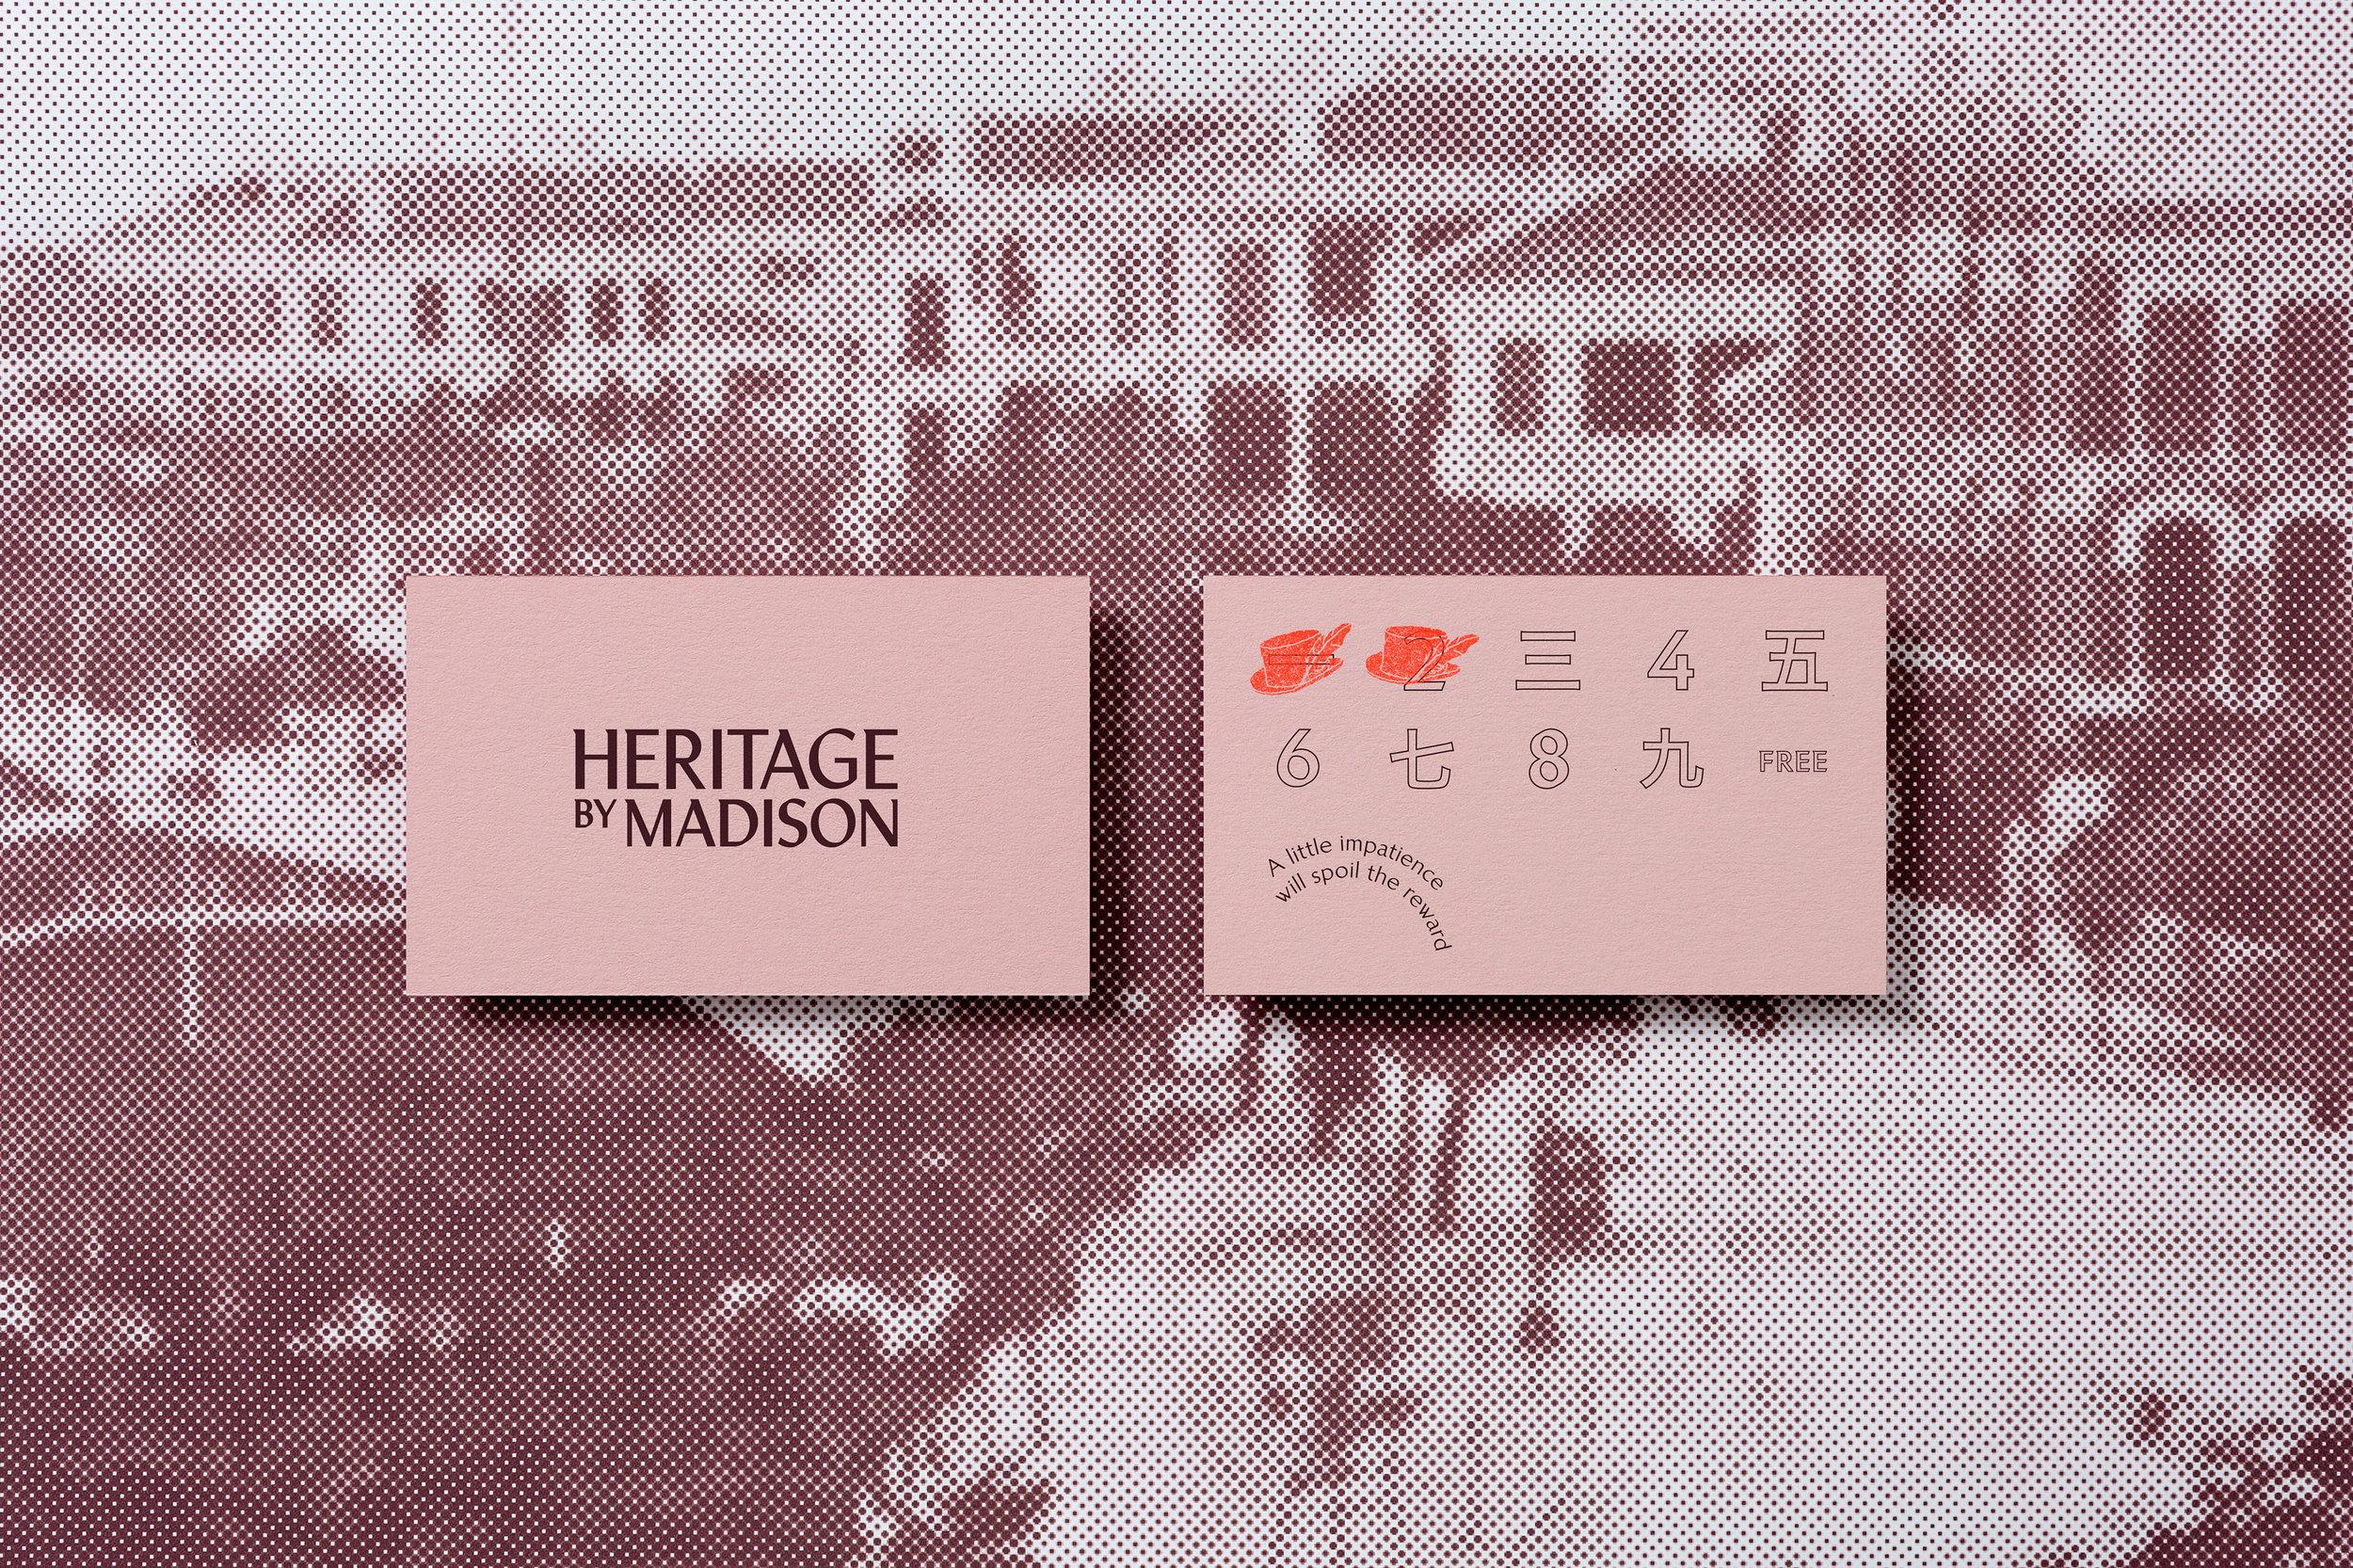 ReAgency_Heritage_LoyaltyCard_Digital_MedRes_01.jpg